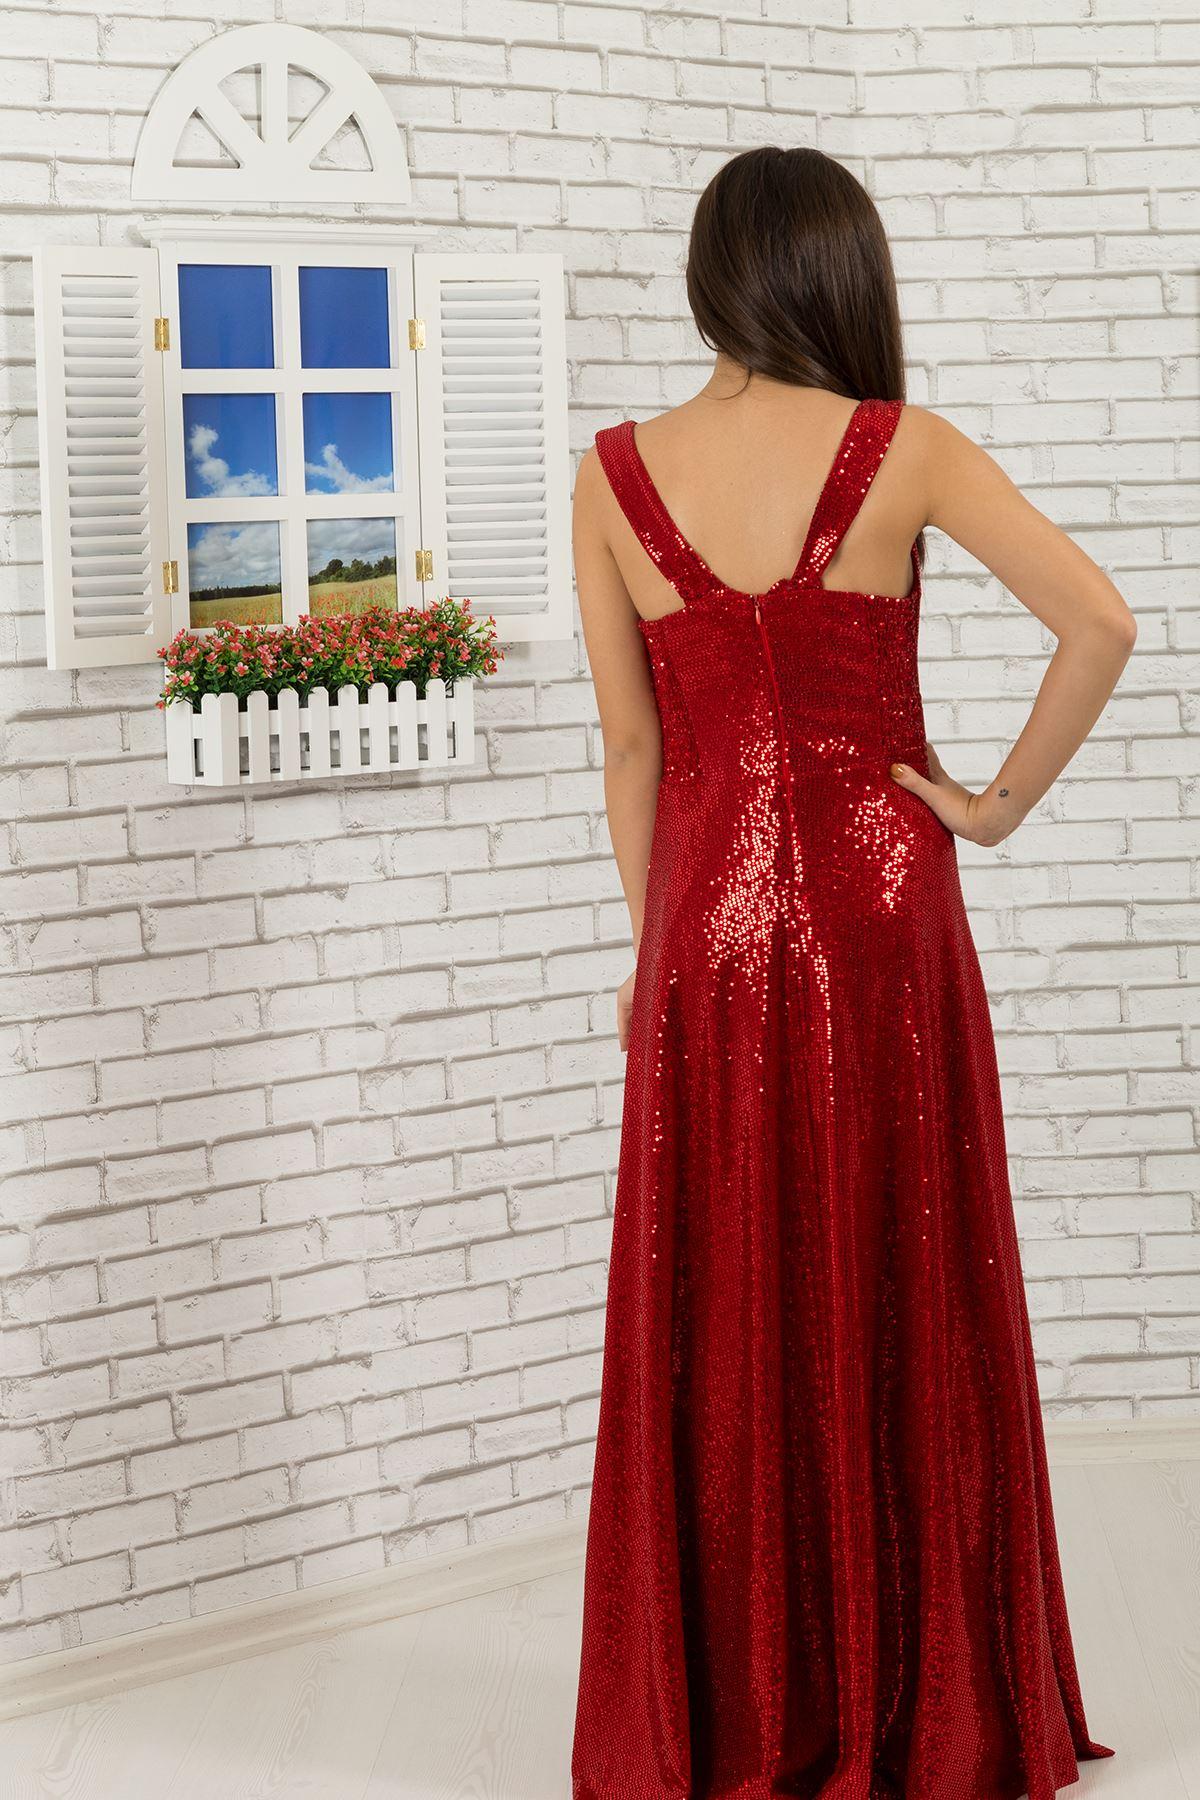 Блискітки Тканина Дівчина Плаття 477 Червоний